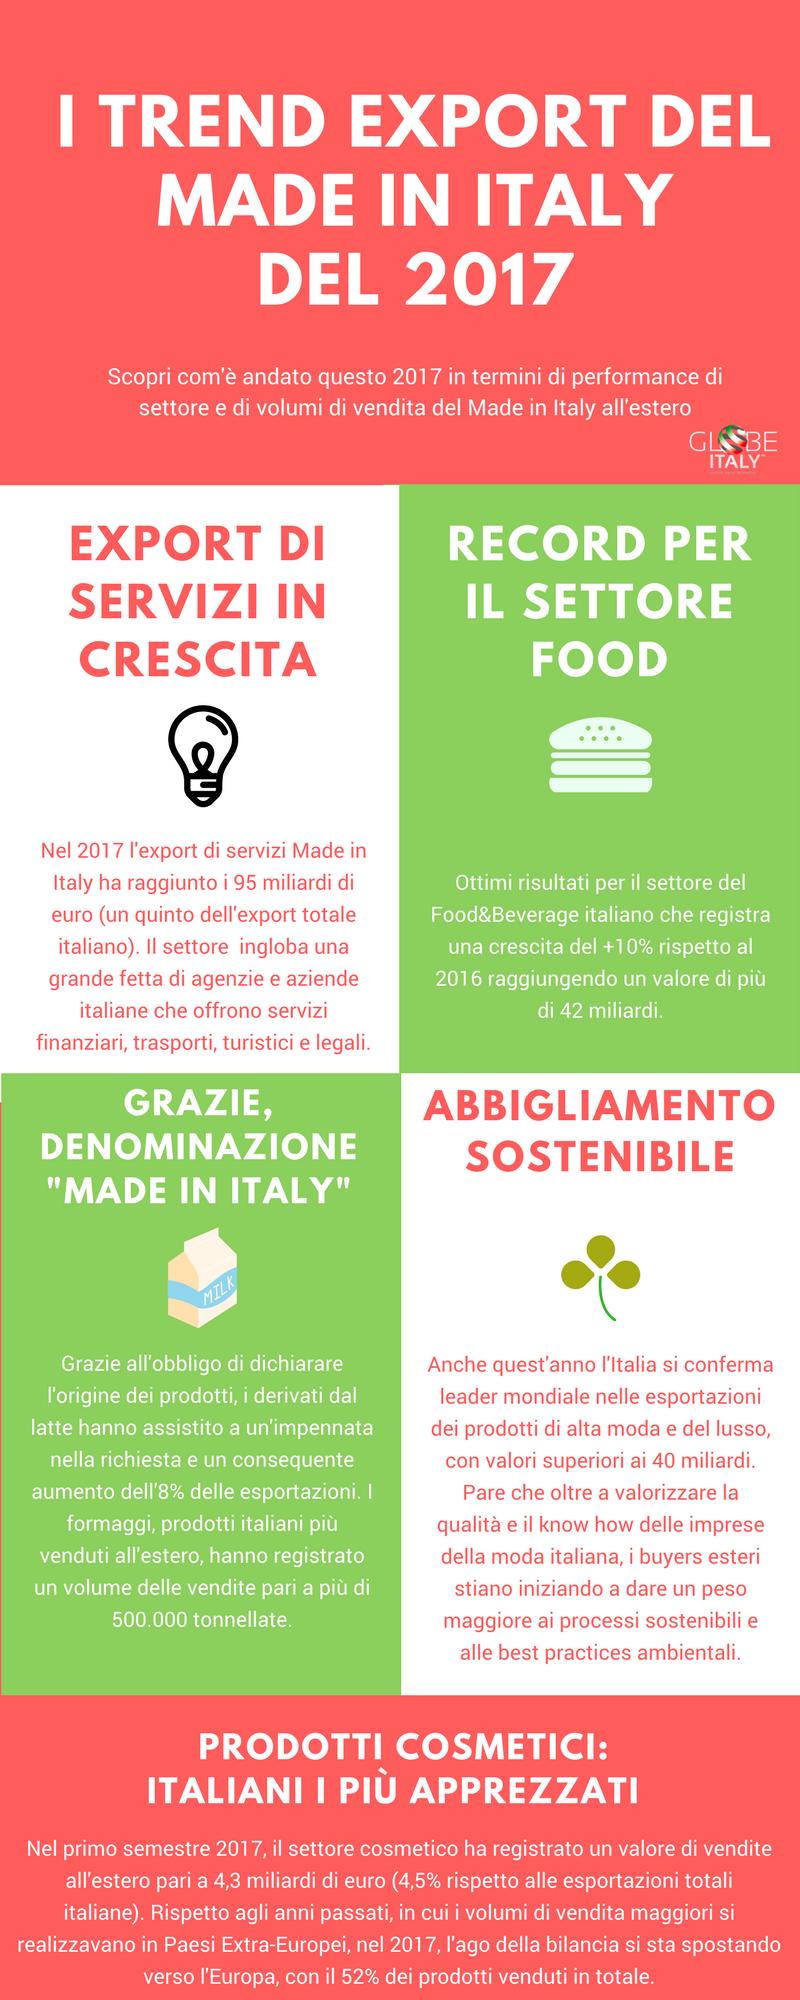 I trend e le performance dei settori italiani nel 2017